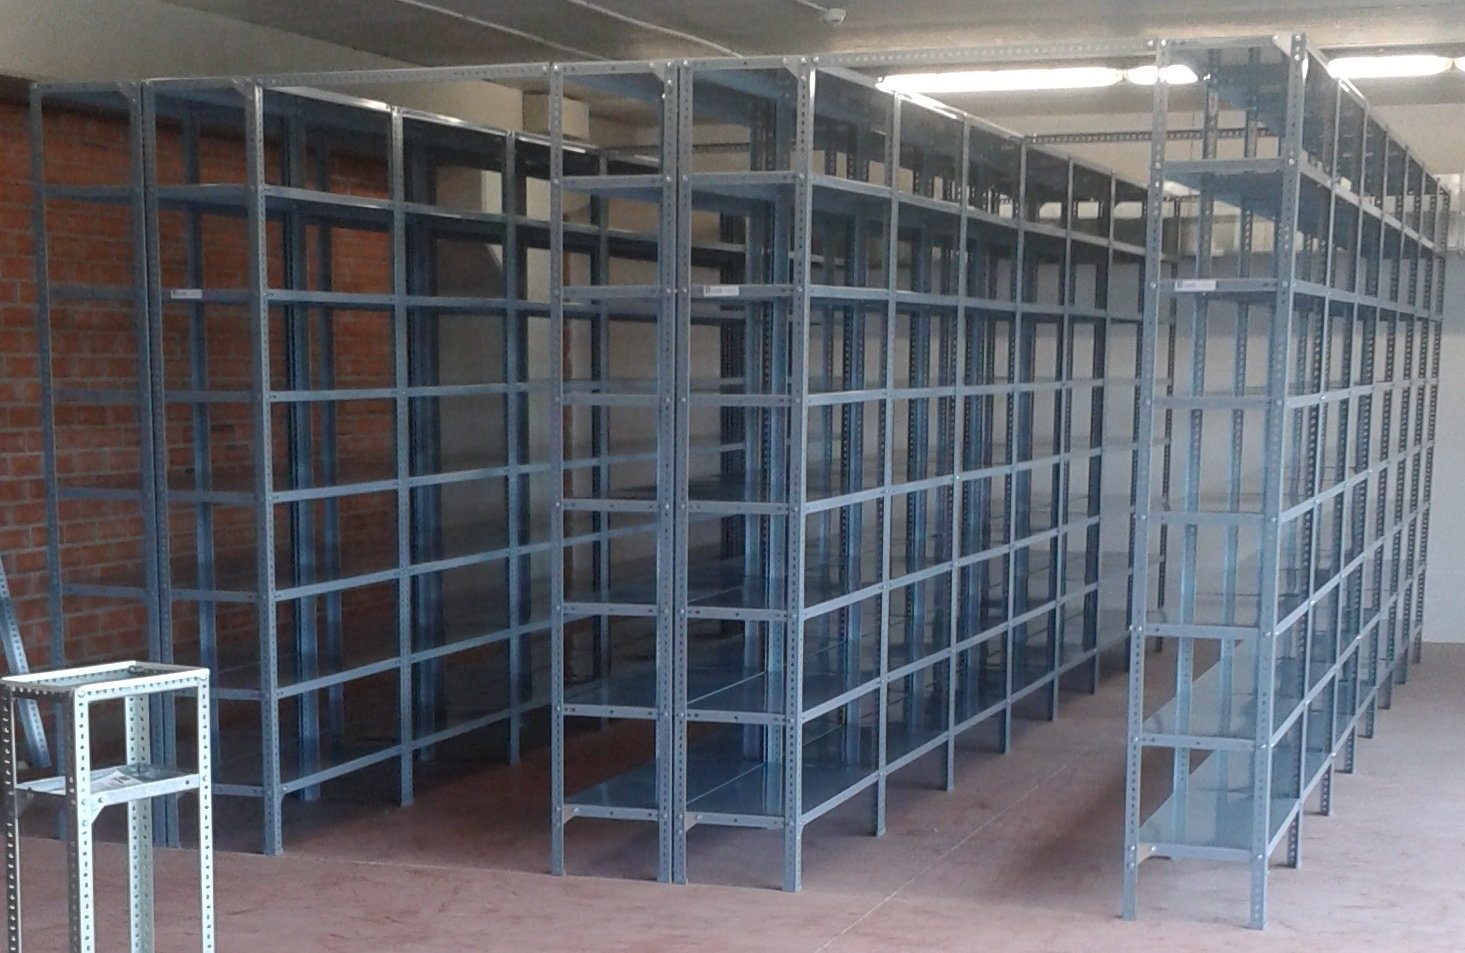 Estanterias metalicas para almacen estanterias met licas - Estanterias metalicas diseno ...